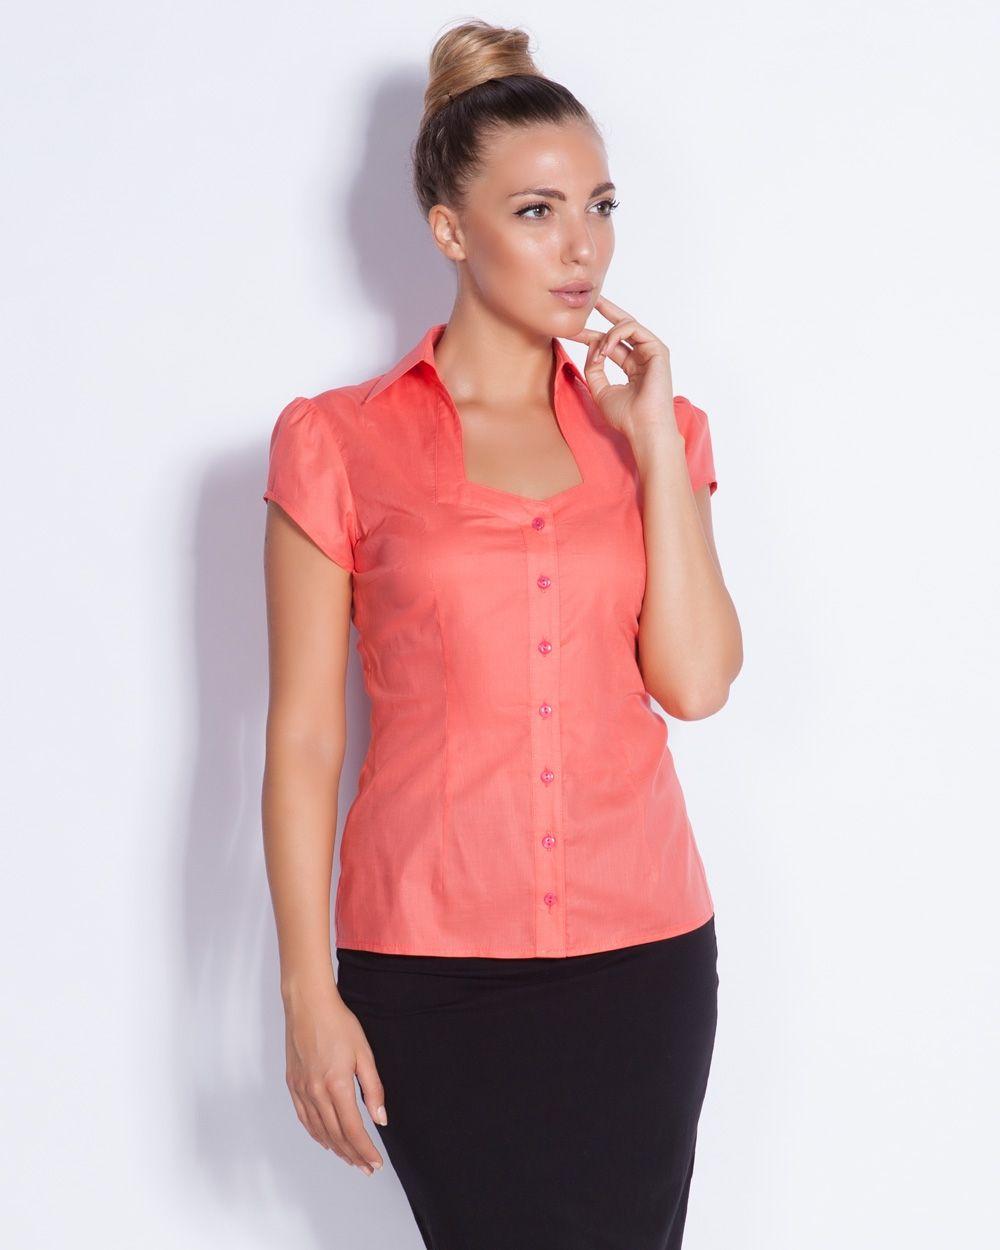 Коралова дамска риза - Prudence #онлайн #пазаруване #дрехи #риза #късръкав #корал